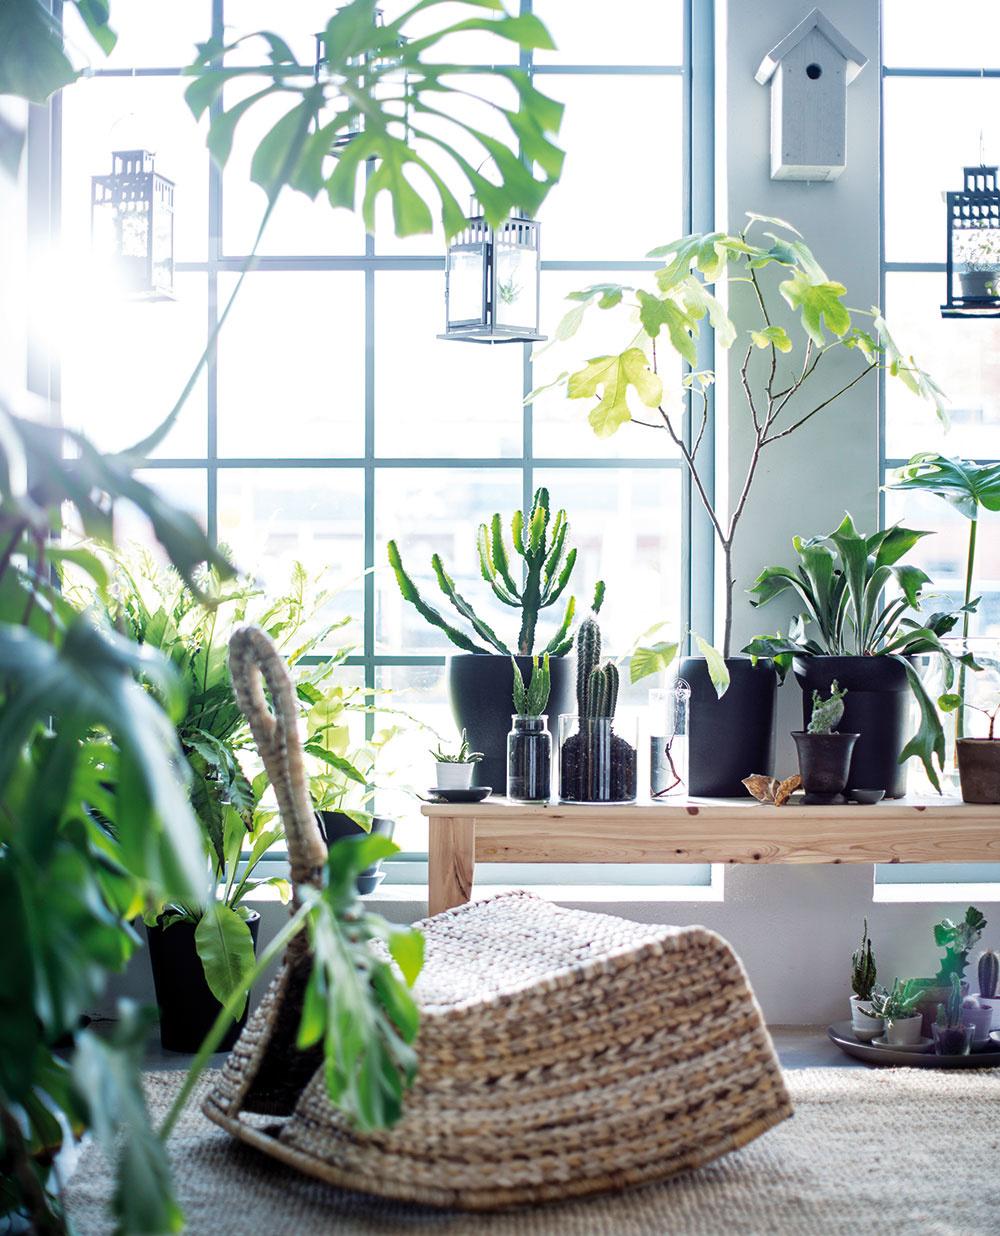 Otvorené priestory  Chcete rozčleniť otvorený priestor avytvoriť vňom útulný kútik? Stavte na rastliny avytvorte si pravú oázu pokoja, kde si sradosťou prečítate knihu alebo vtichosti vypijete rannú kávičku. Navyše tým, že budete mať rastliny na očiach, hneď zistíte, kedy ich treba poliať.